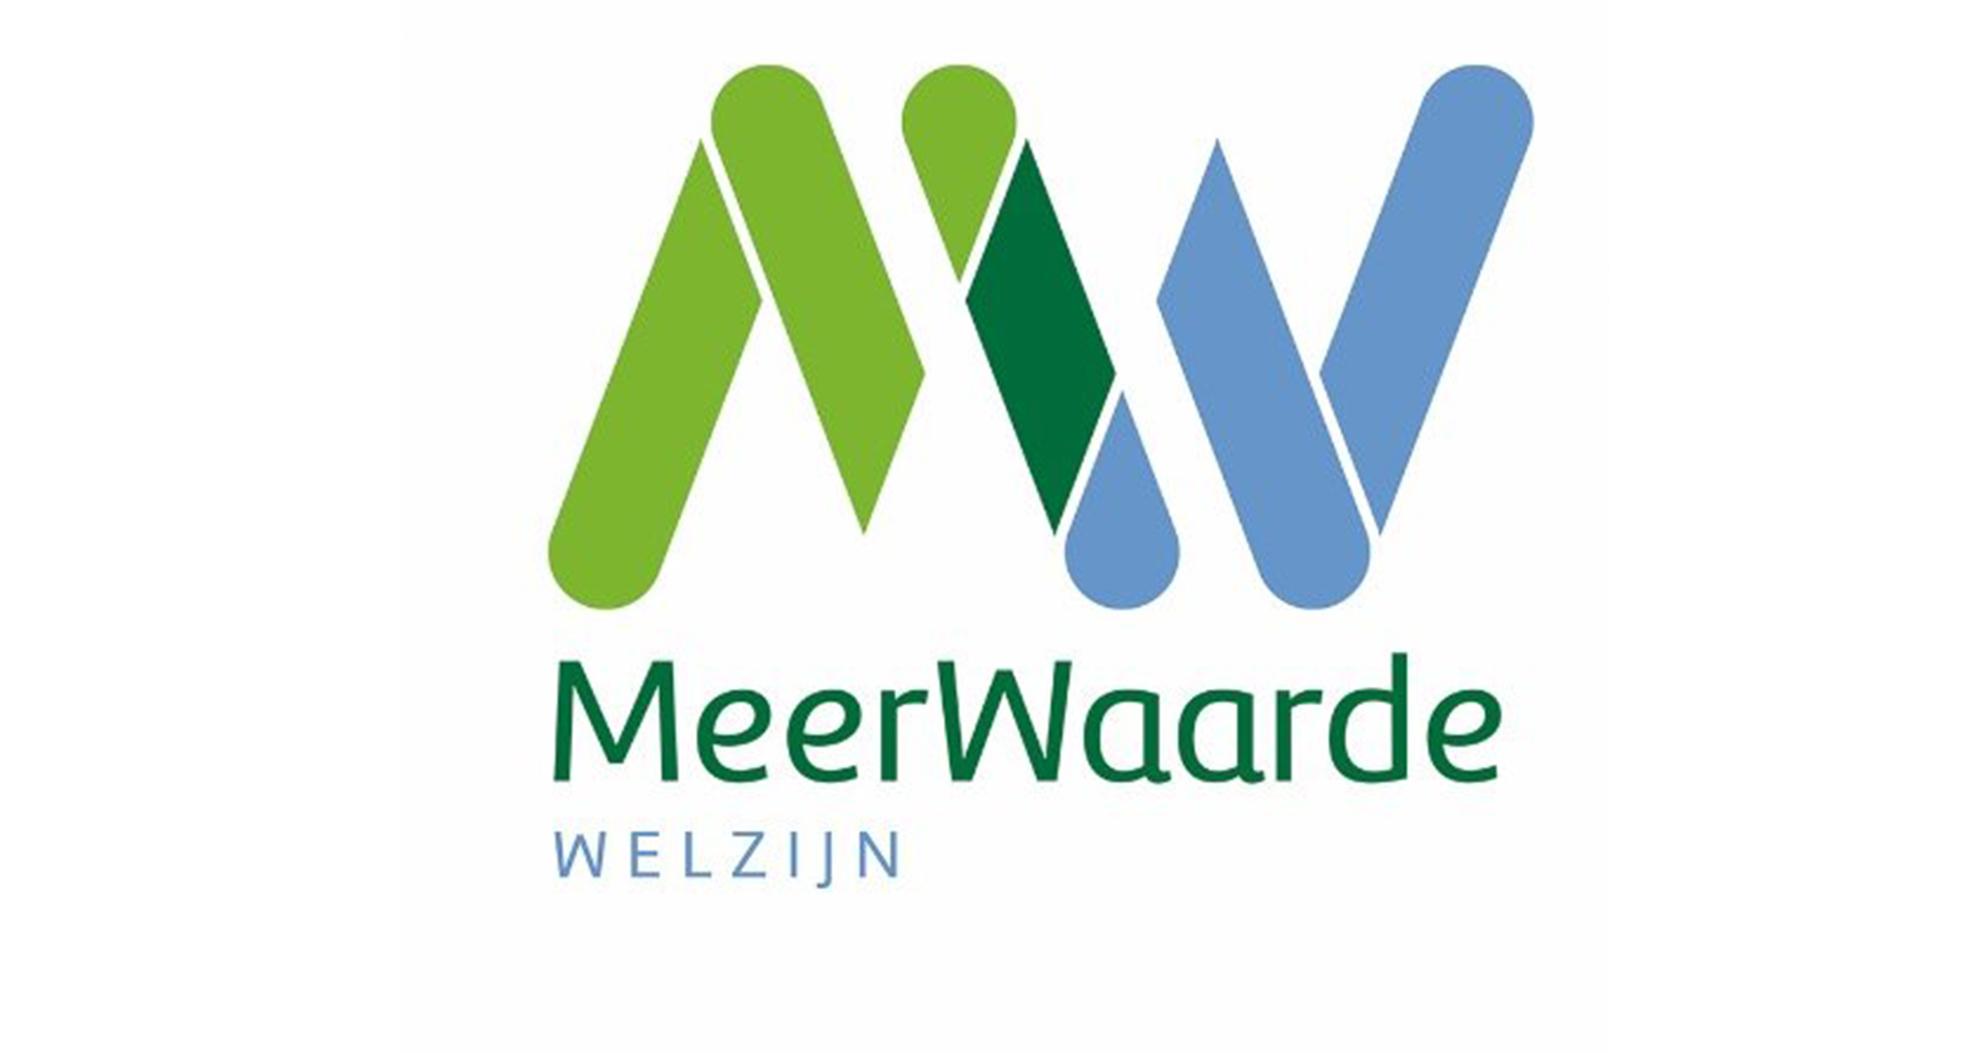 Op uitnodiging van Meerwaarde heeft Jeroen van den Broek vanuit Partner in Crime een plenaire presentatie verzorgd op het Innovatie- en Kennislab 2020, over de relatie tussen drillmuziek, social media, straatcultuur en messenproblematiek onder jongeren (3 maart 2020).